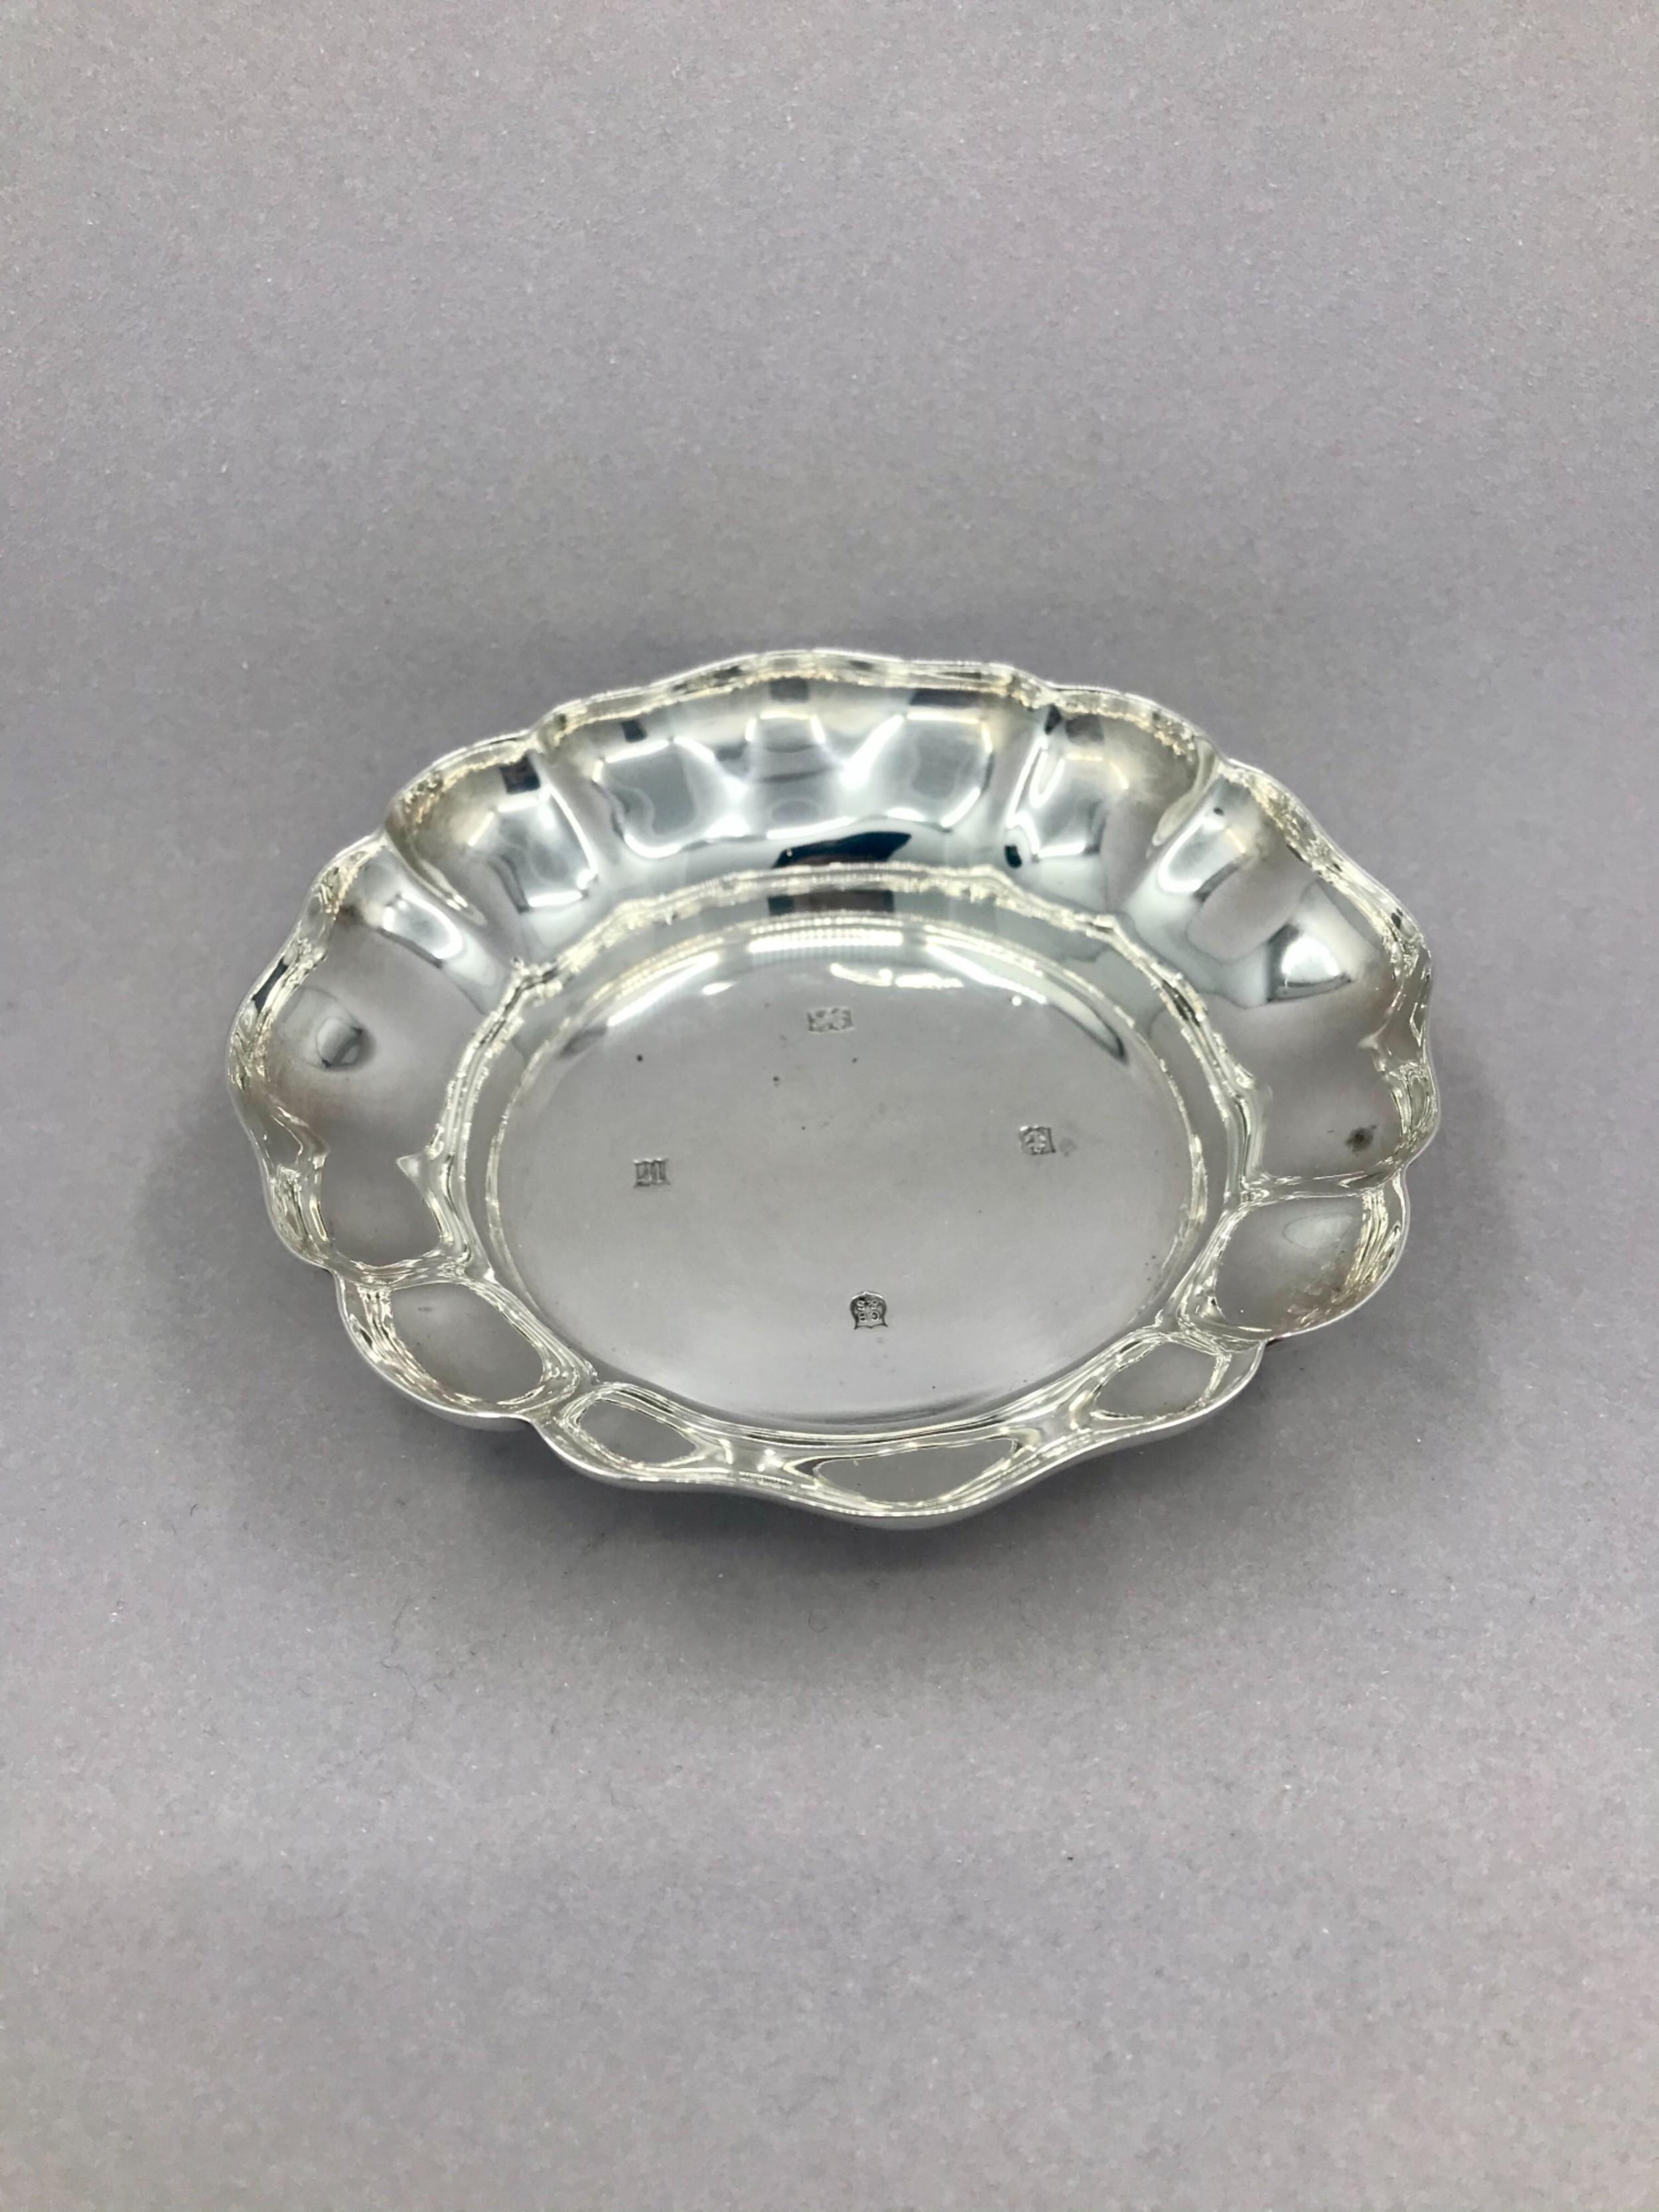 a vintage hallmarked silver dish birmingham 1971